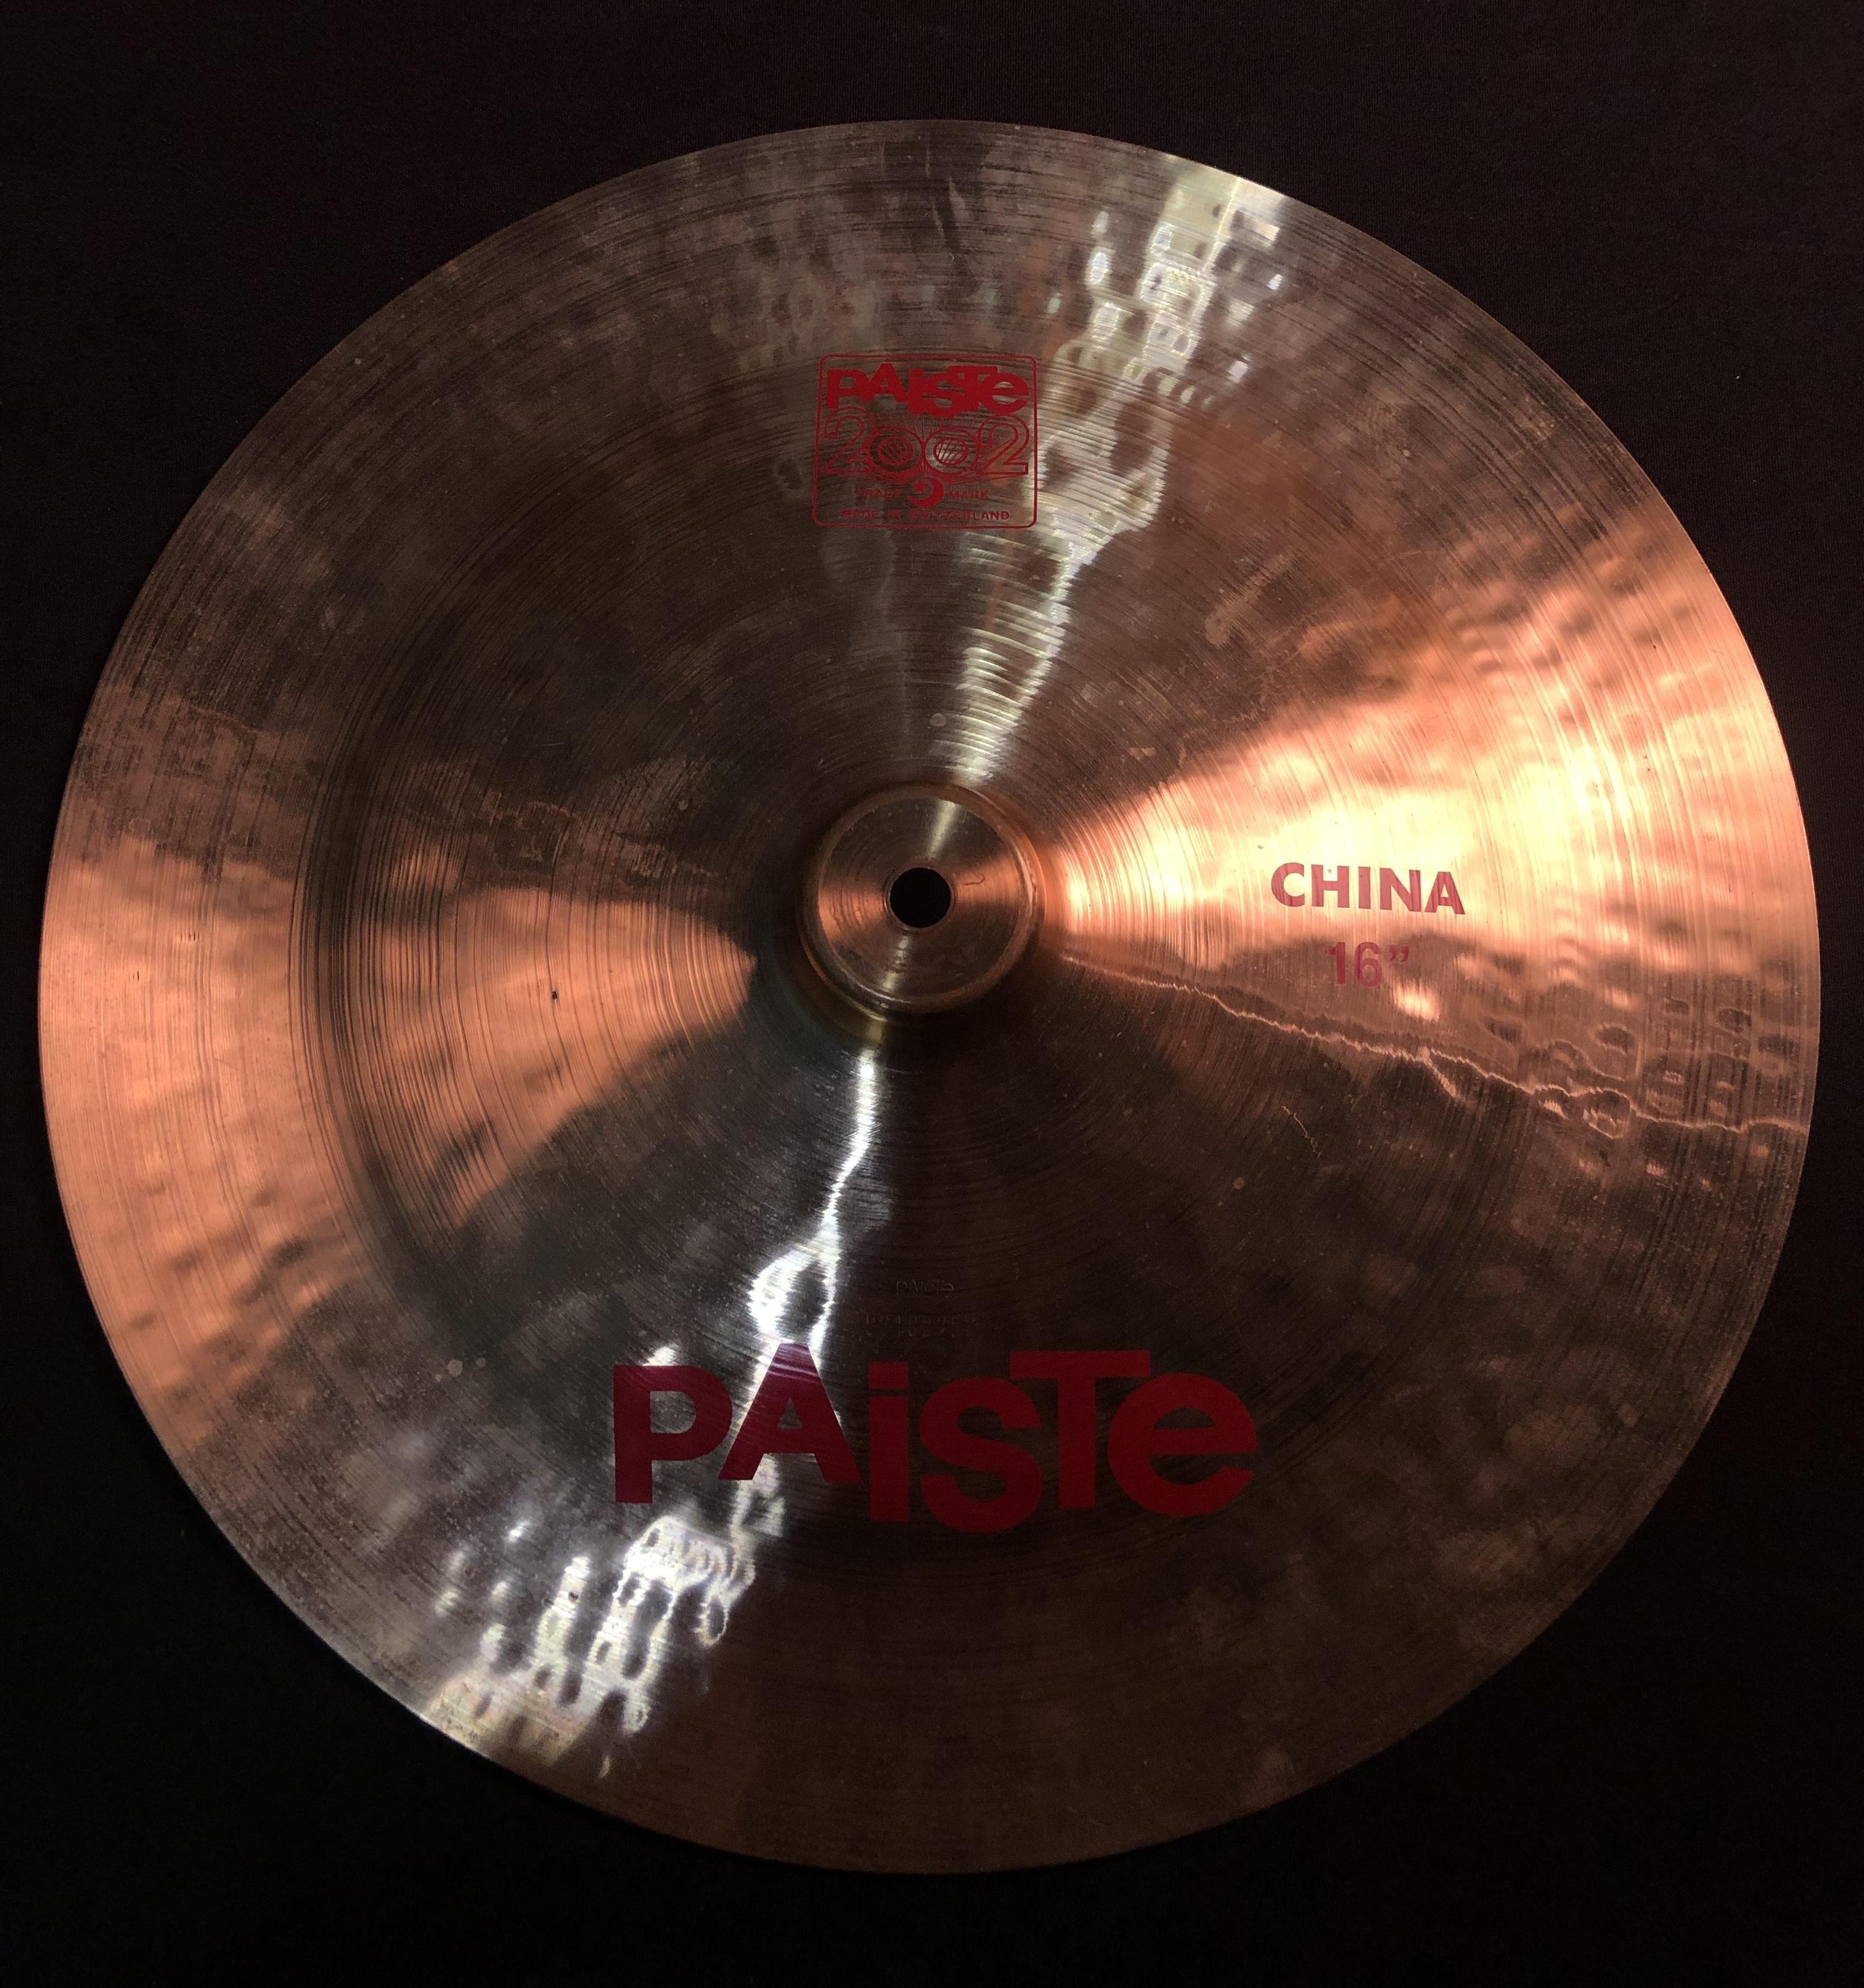 PAISTE - 2002 China Cymbal 16